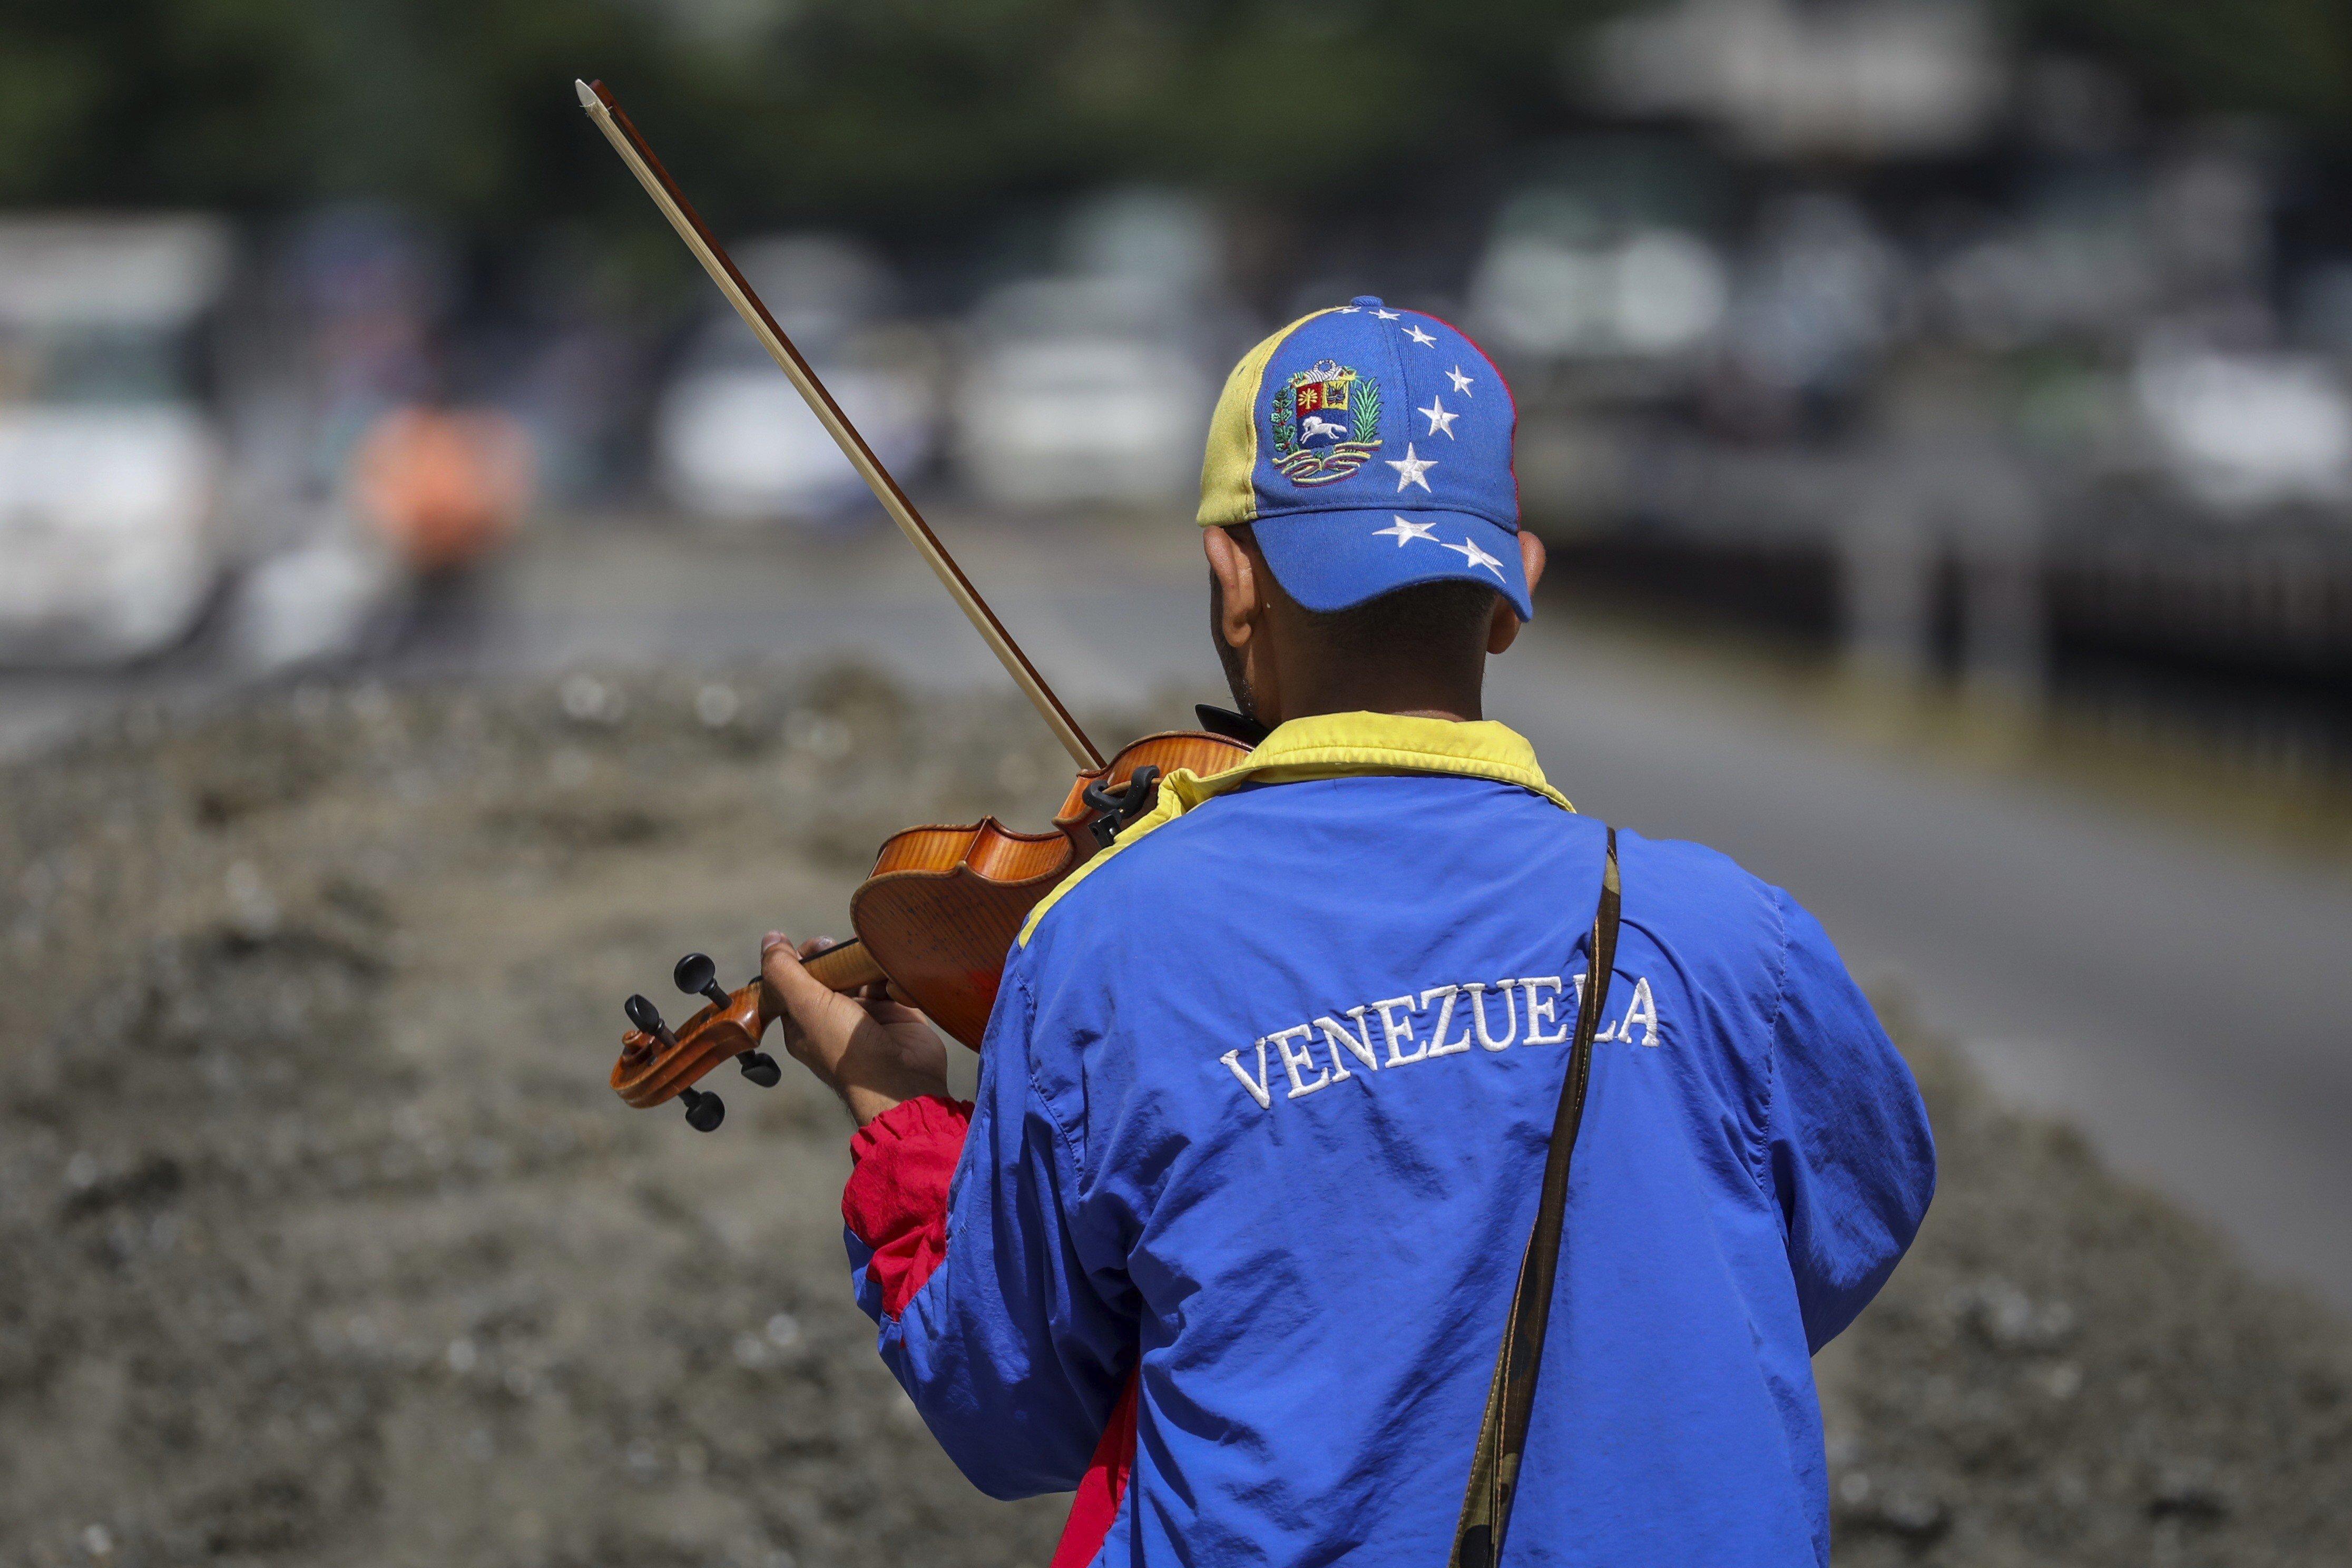 El violinista Wuilly Arteaga participa en una manifestació avui dimarts 18 de juliol de 2017, a Caracas (Veneçuela). /MIGUEL GUTIÉRREZ